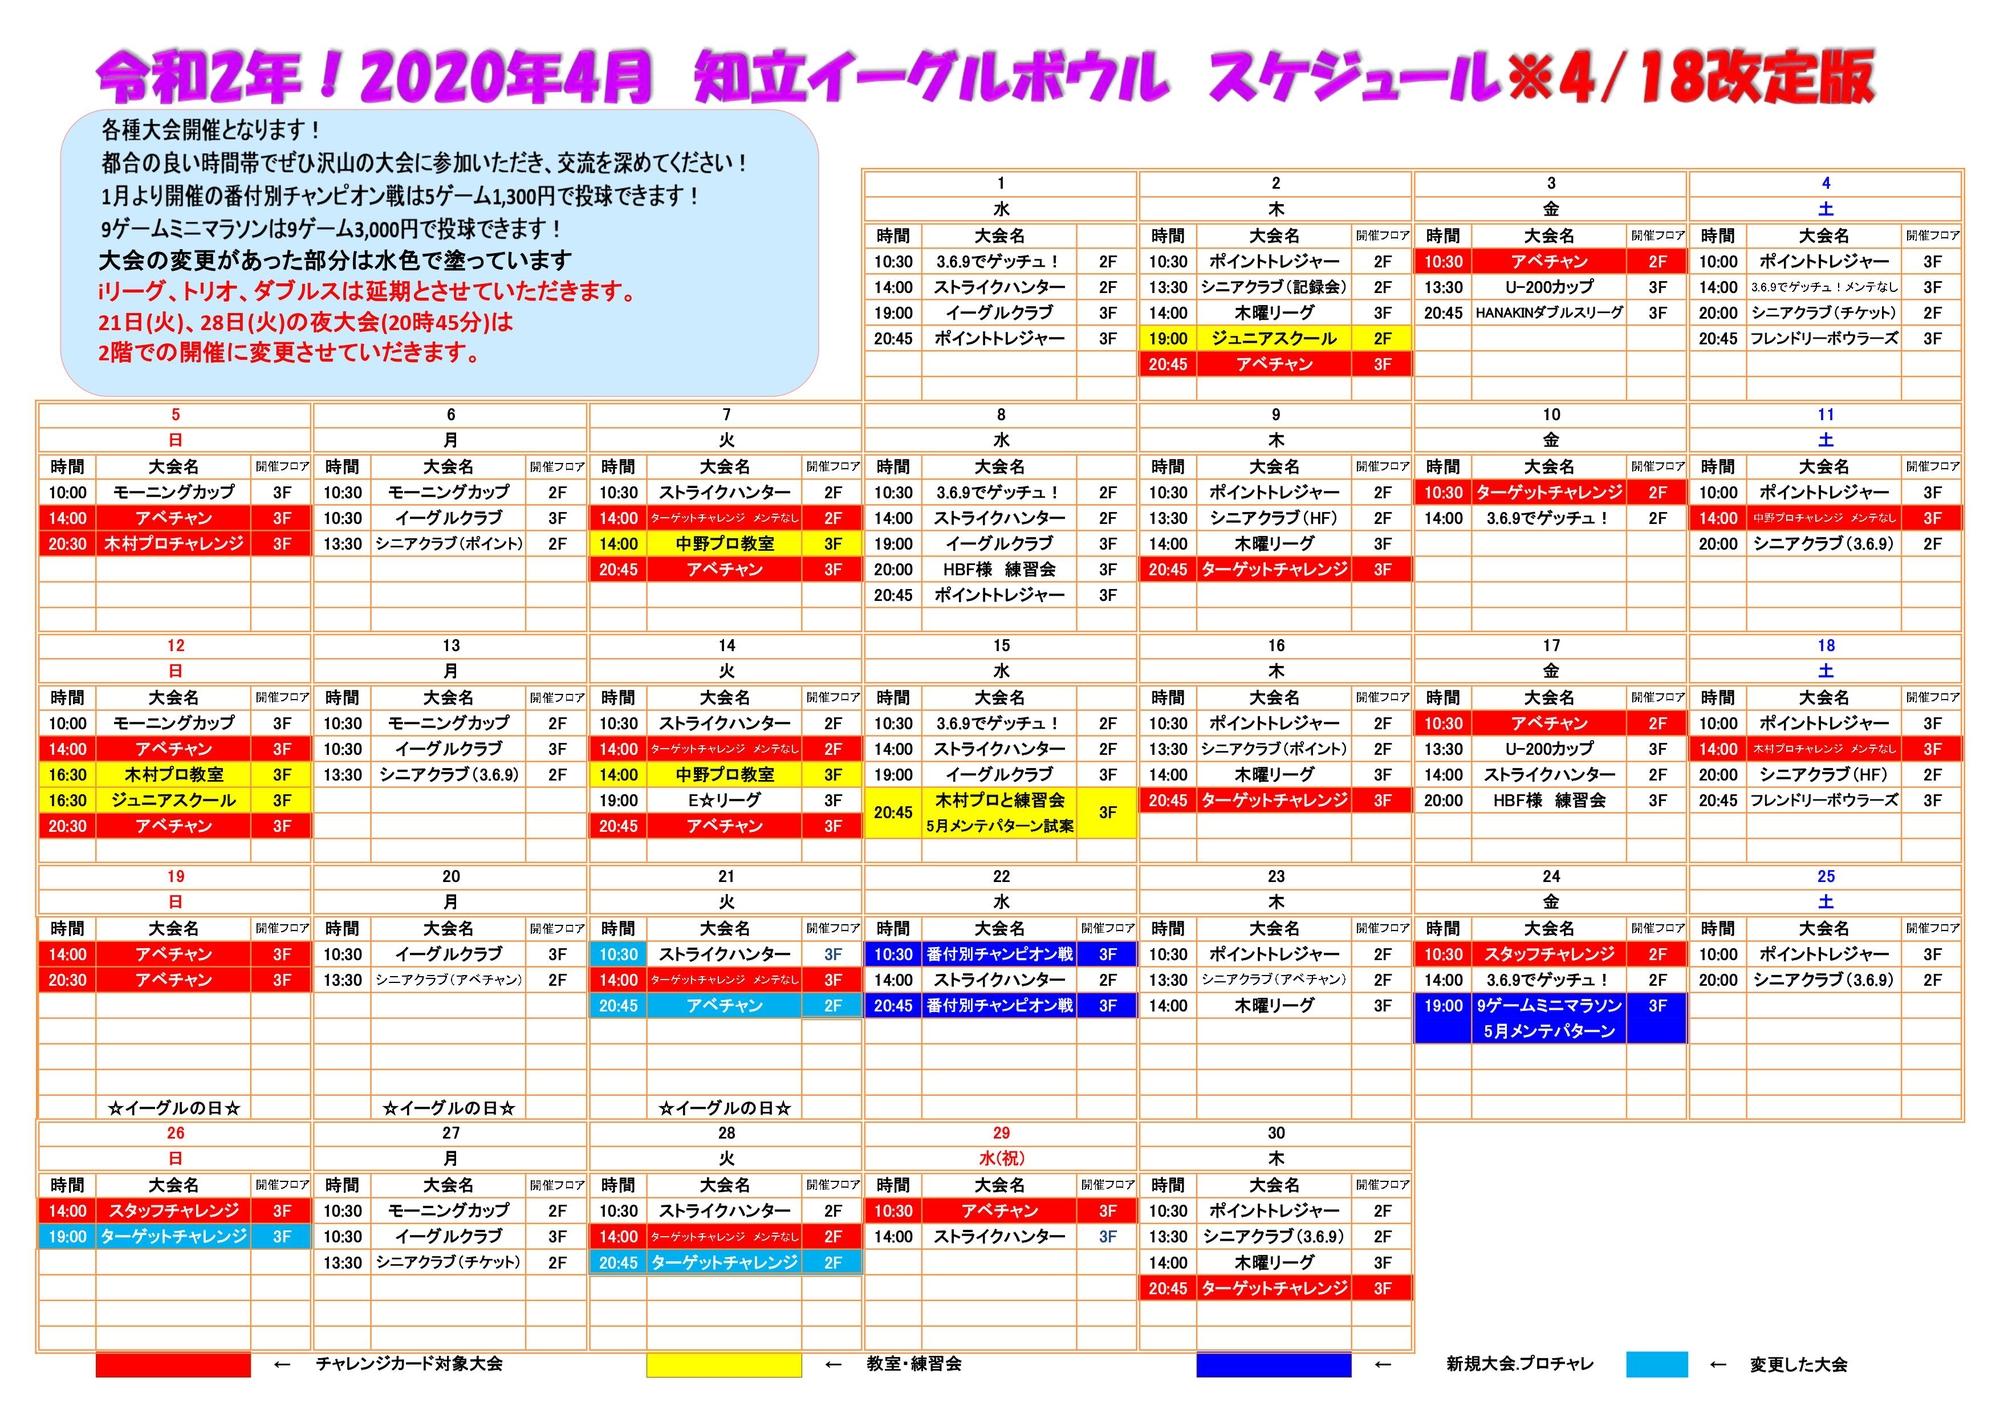 2020年4月 大会スケジュール4月【再改訂】